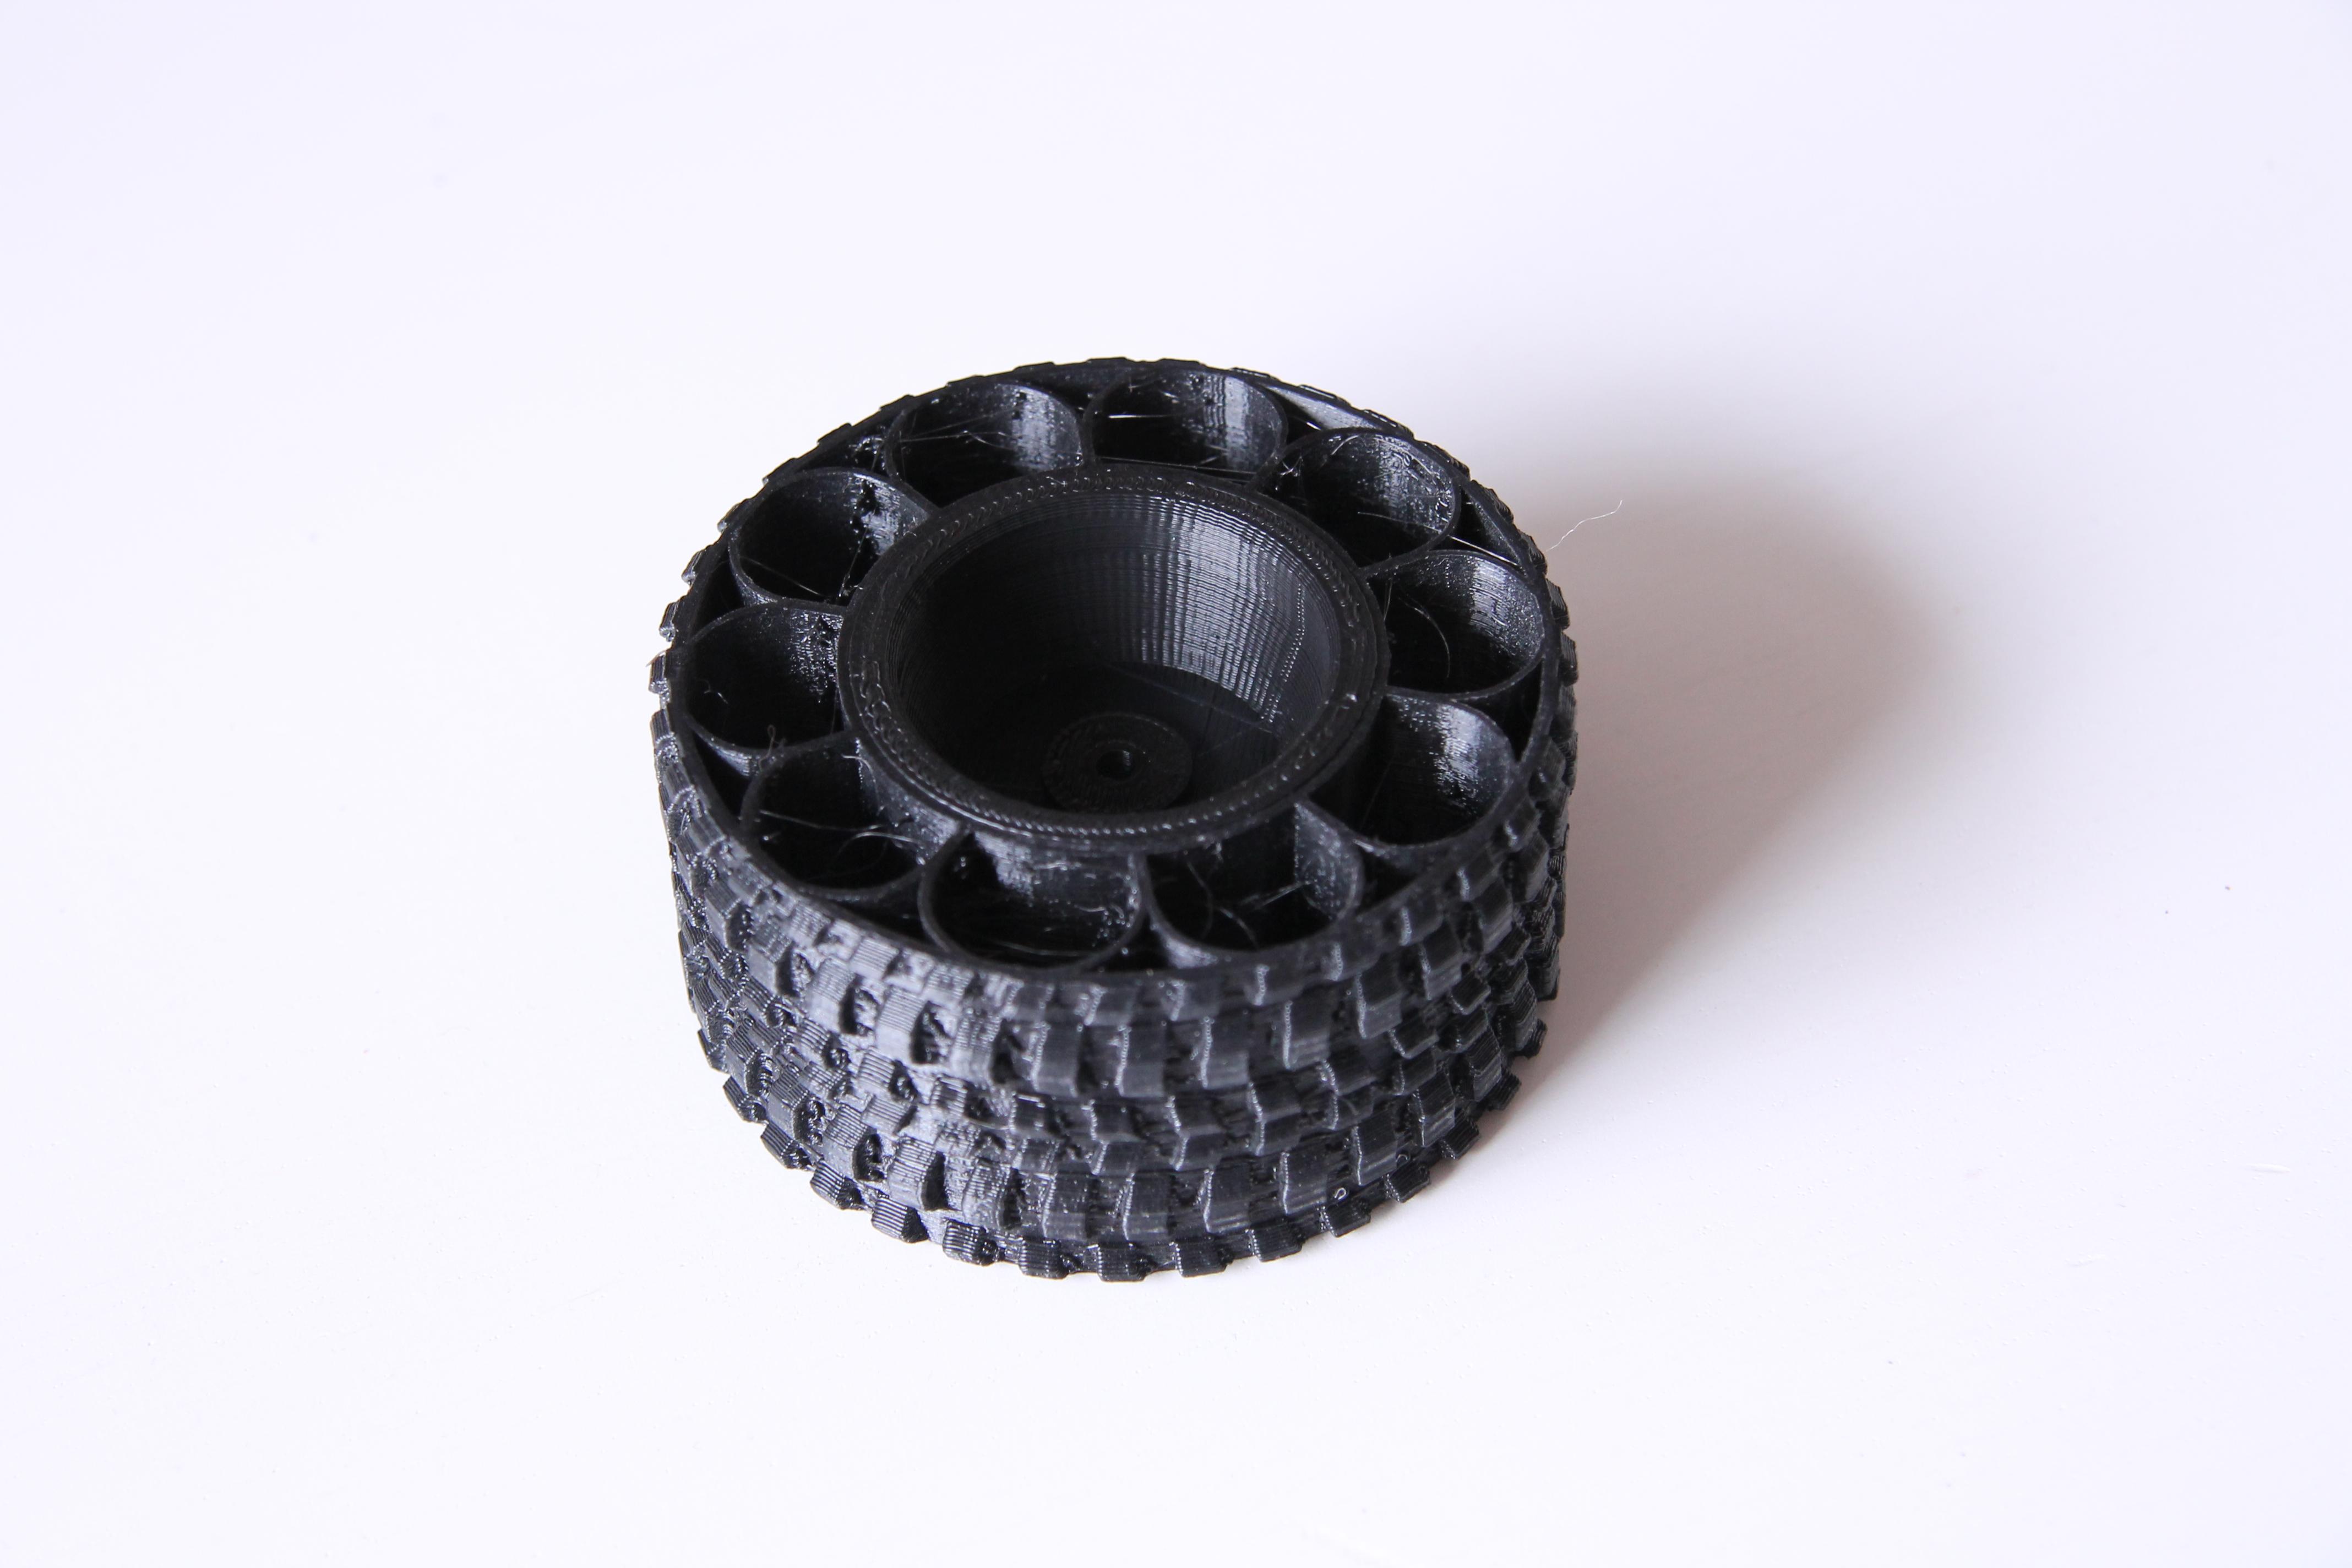 034.JPG Download free STL file Printed truck: Rims • 3D printing template, MrCrankyface